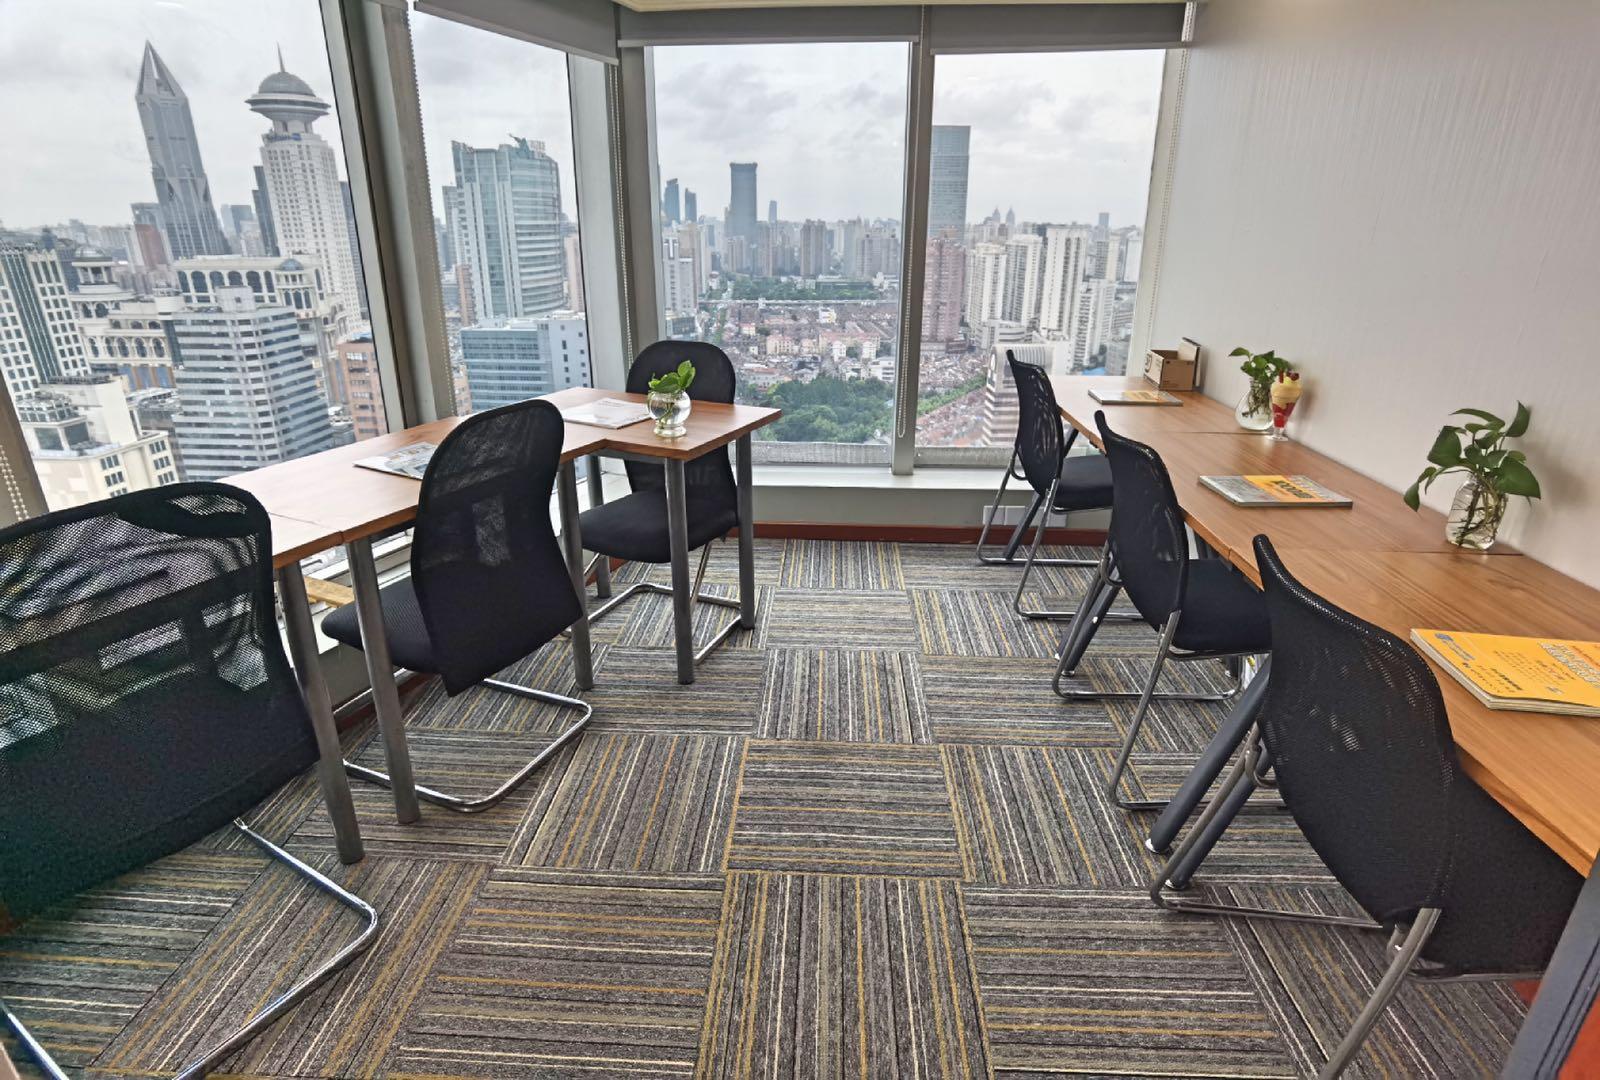 科技京城第一际企业孵化园出租6人间带窗户现房